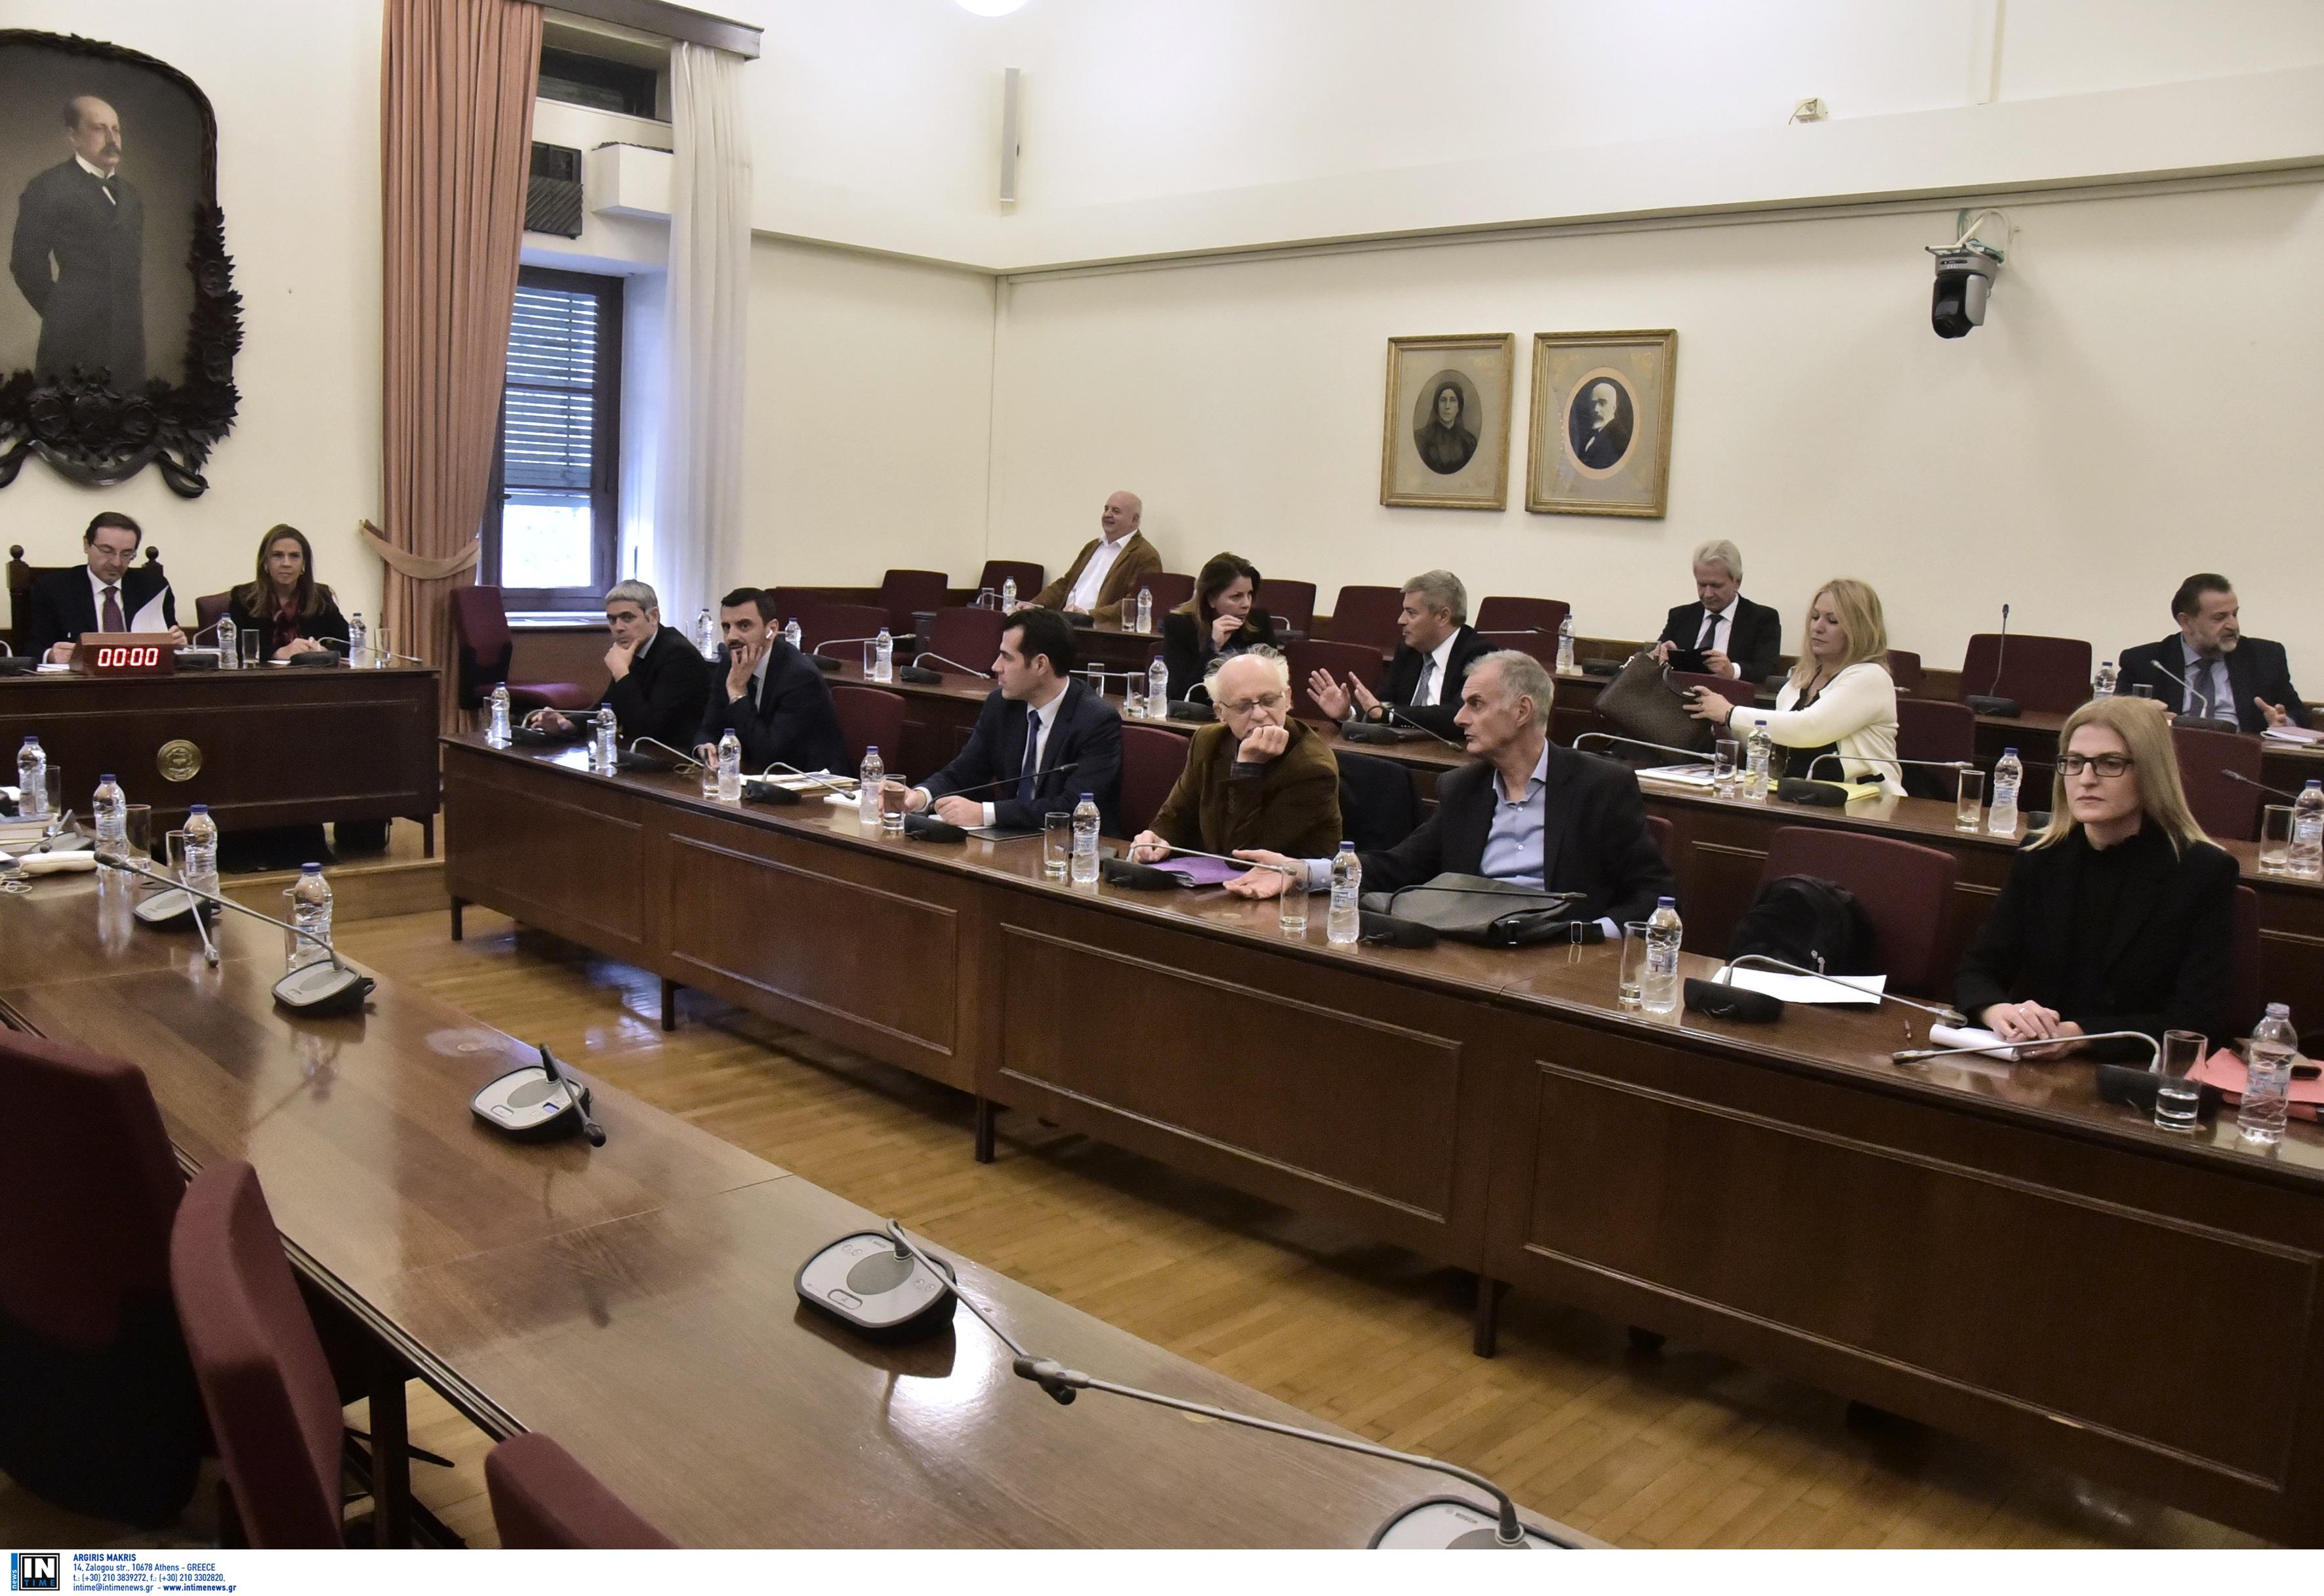 """Ρουκέτες Ράικου στην Προανακριτική: """"Ο Παπαγγελόπουλος αυτοαποκαλούνταν Ρασπούτιν"""" - """"Υπονόμευε εμένα και προωθούσε την Τουλουπάκη"""""""